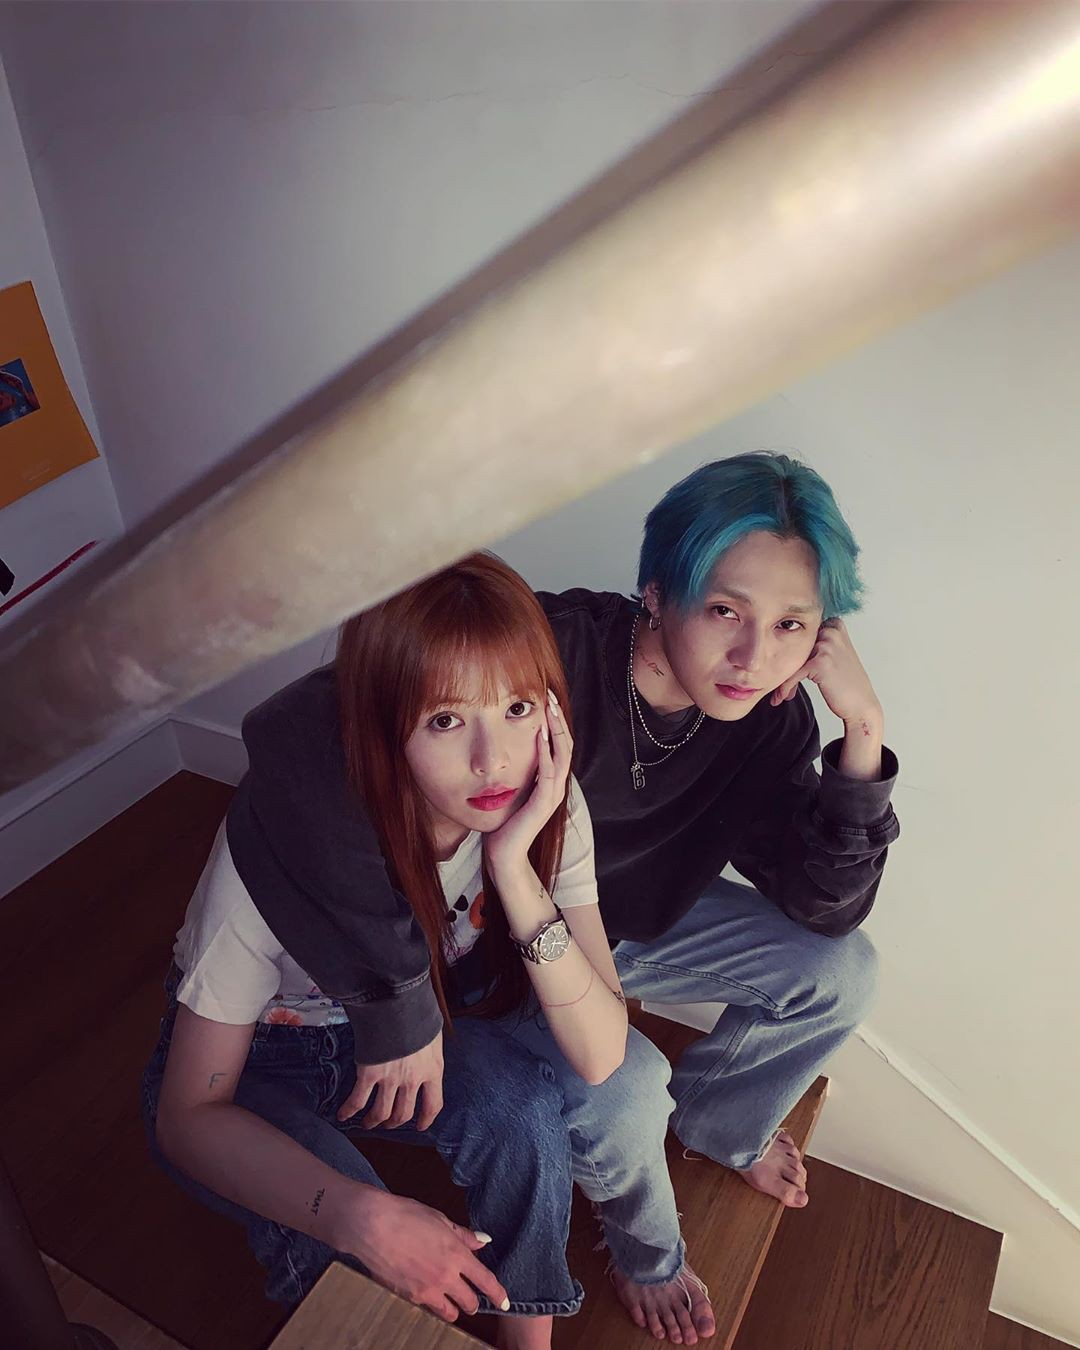 Kỉ niệm 3 năm yêu đương, Hyuna và EDawn khoe ảnh theo phong cách chẳng giống ai nhưng sao mà tình thế này - Ảnh 1.